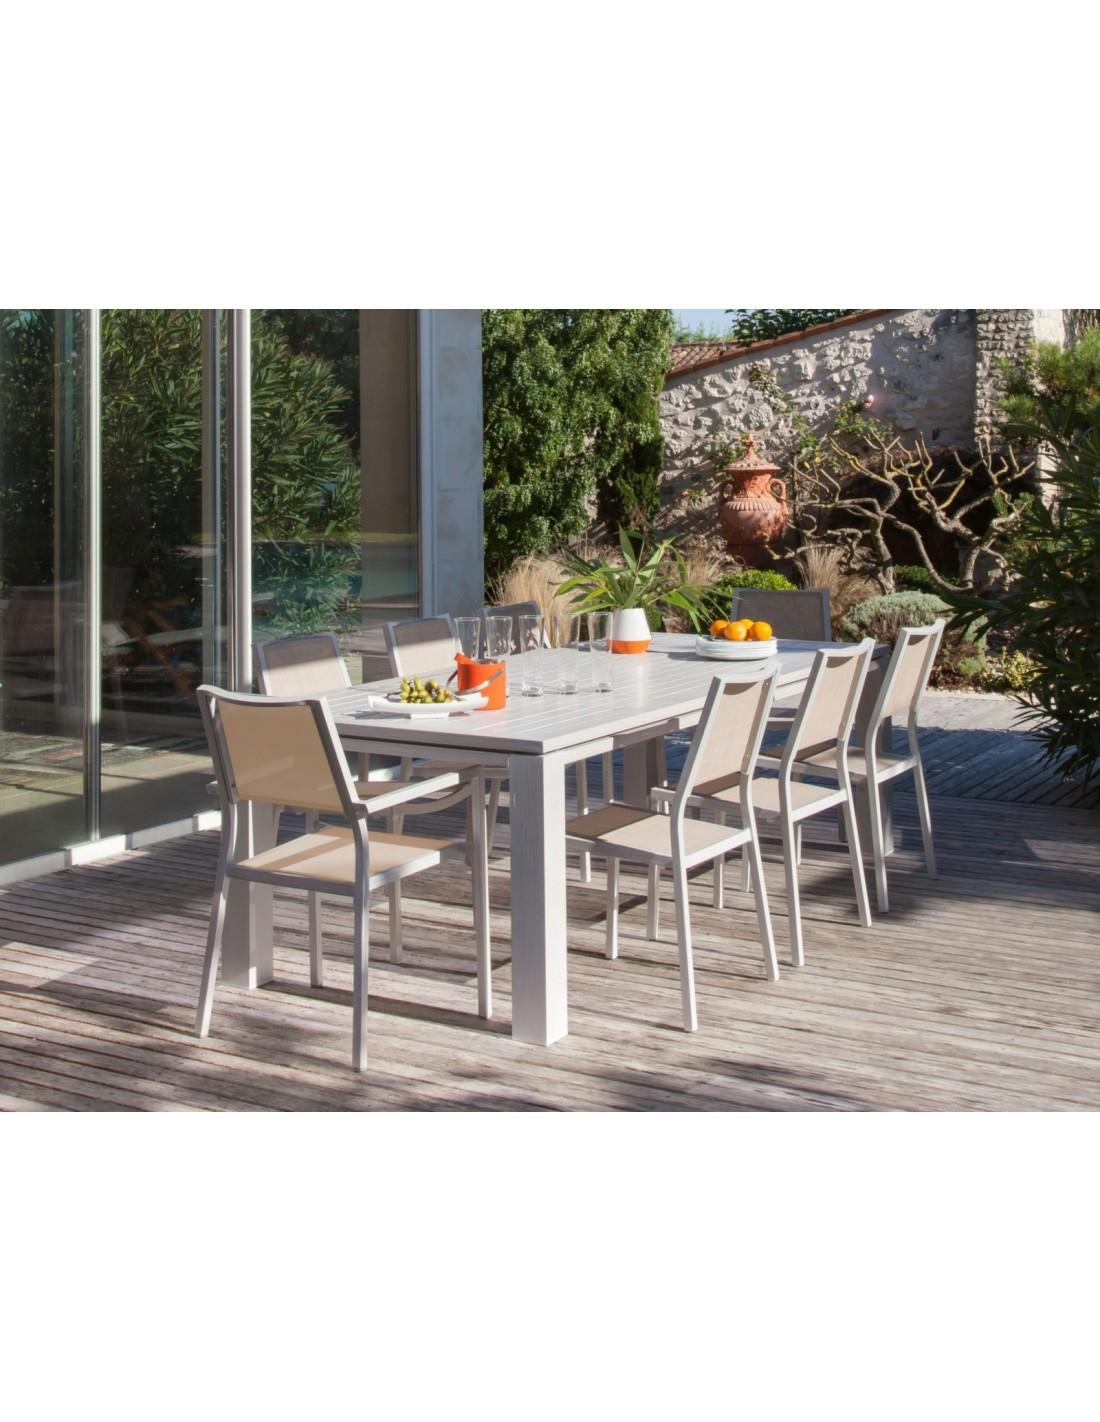 Table de jardin Fiero rectangle 240 x 103 cm - Proloisirs